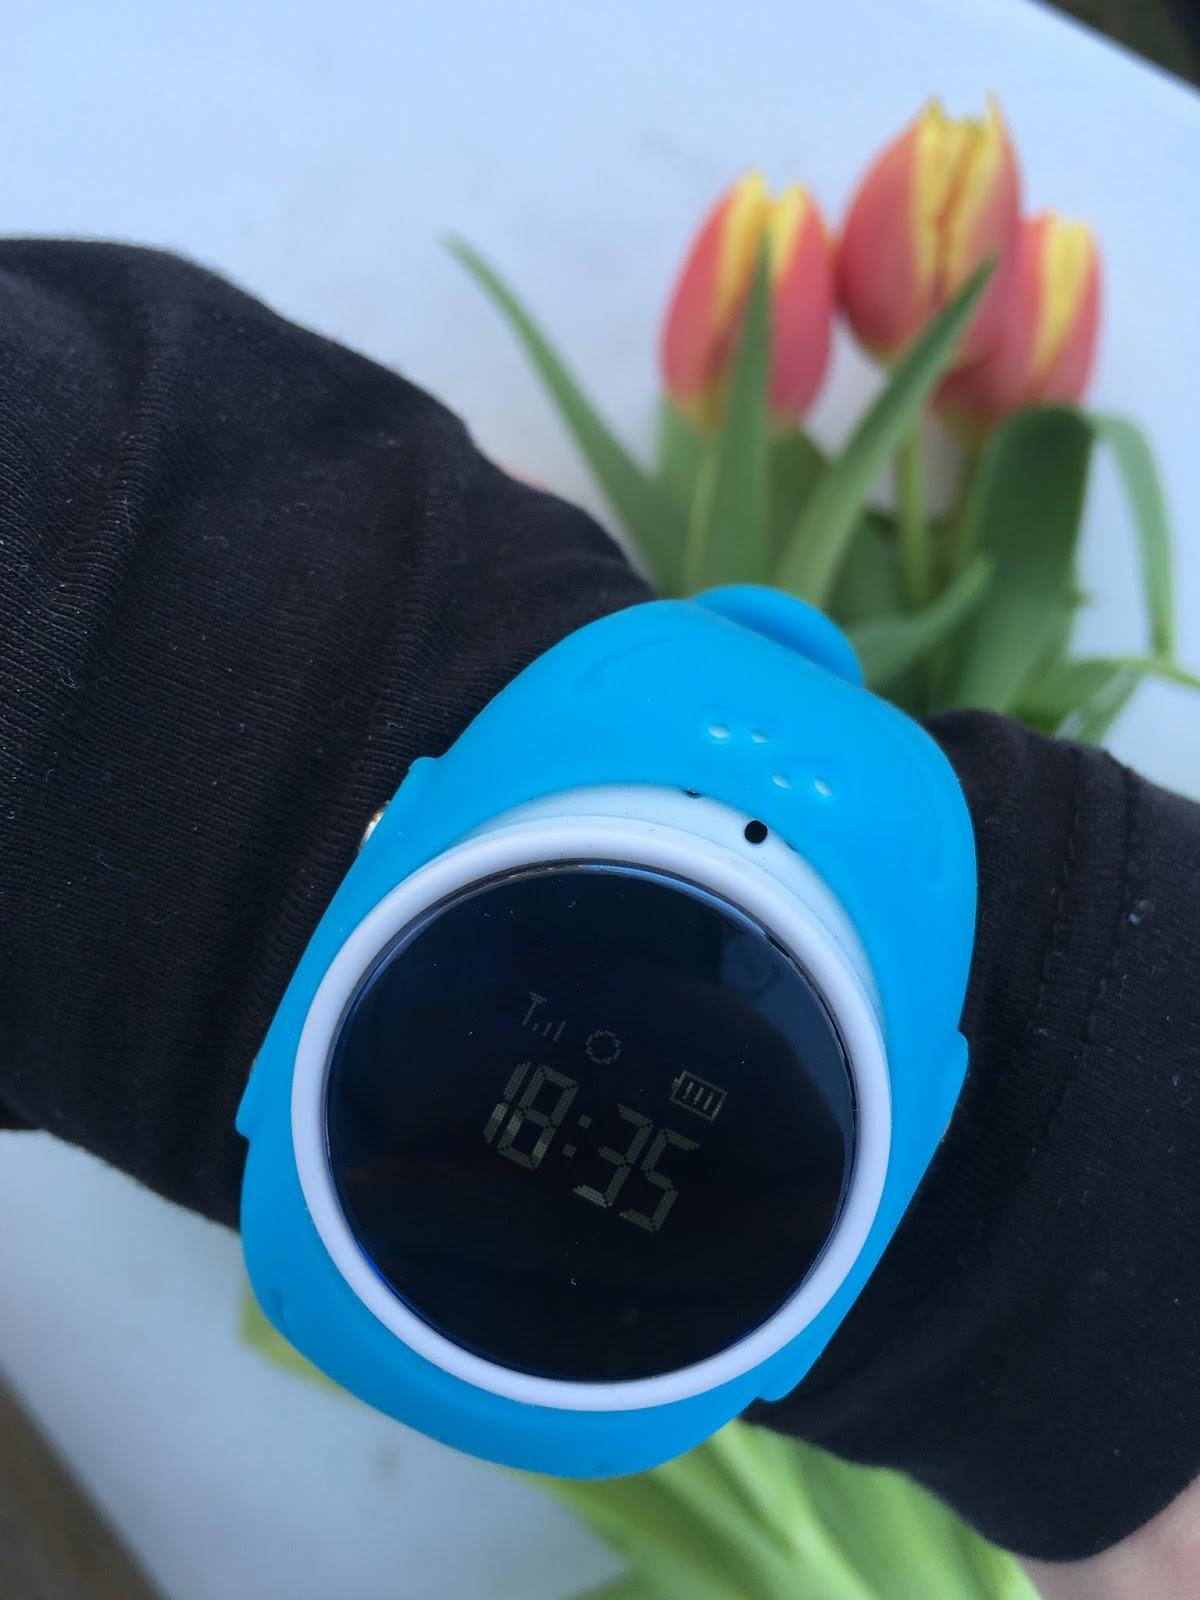 bezpieczna rodzina lokalizator dla dziecka zegarek